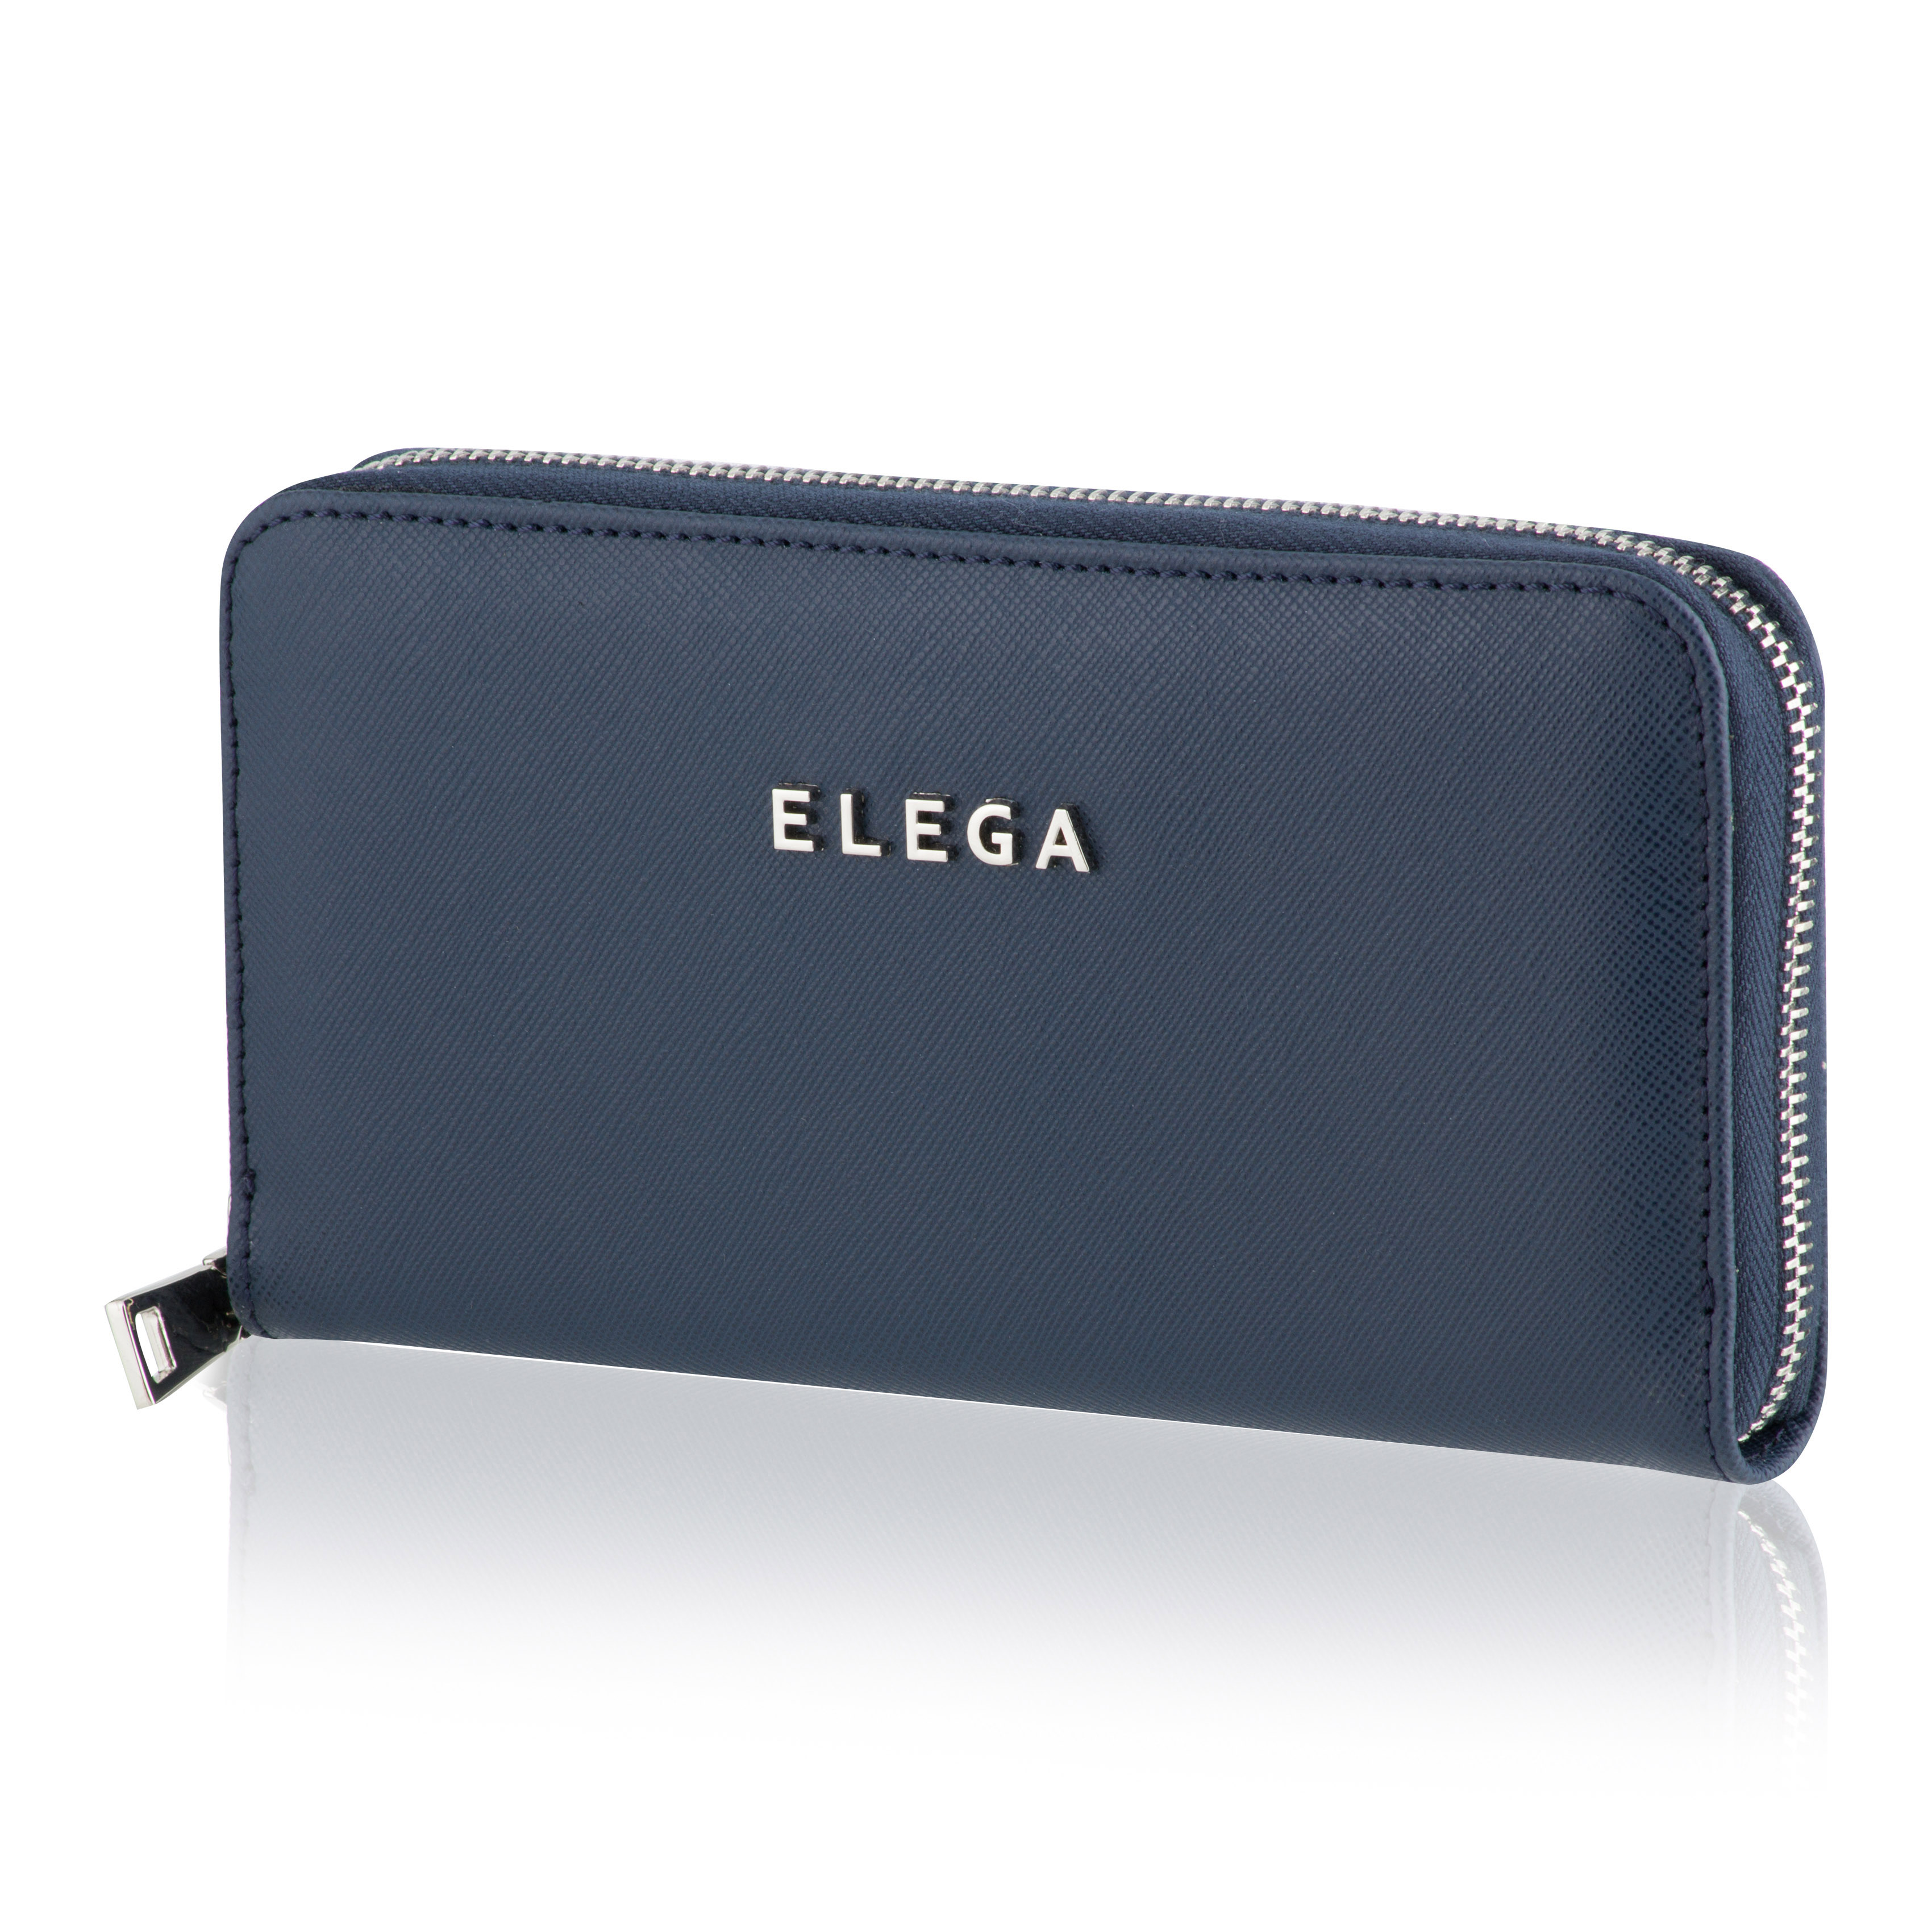 Dámská peněženka ELEGA Samara Saffiano modrá se stříbrným kováním